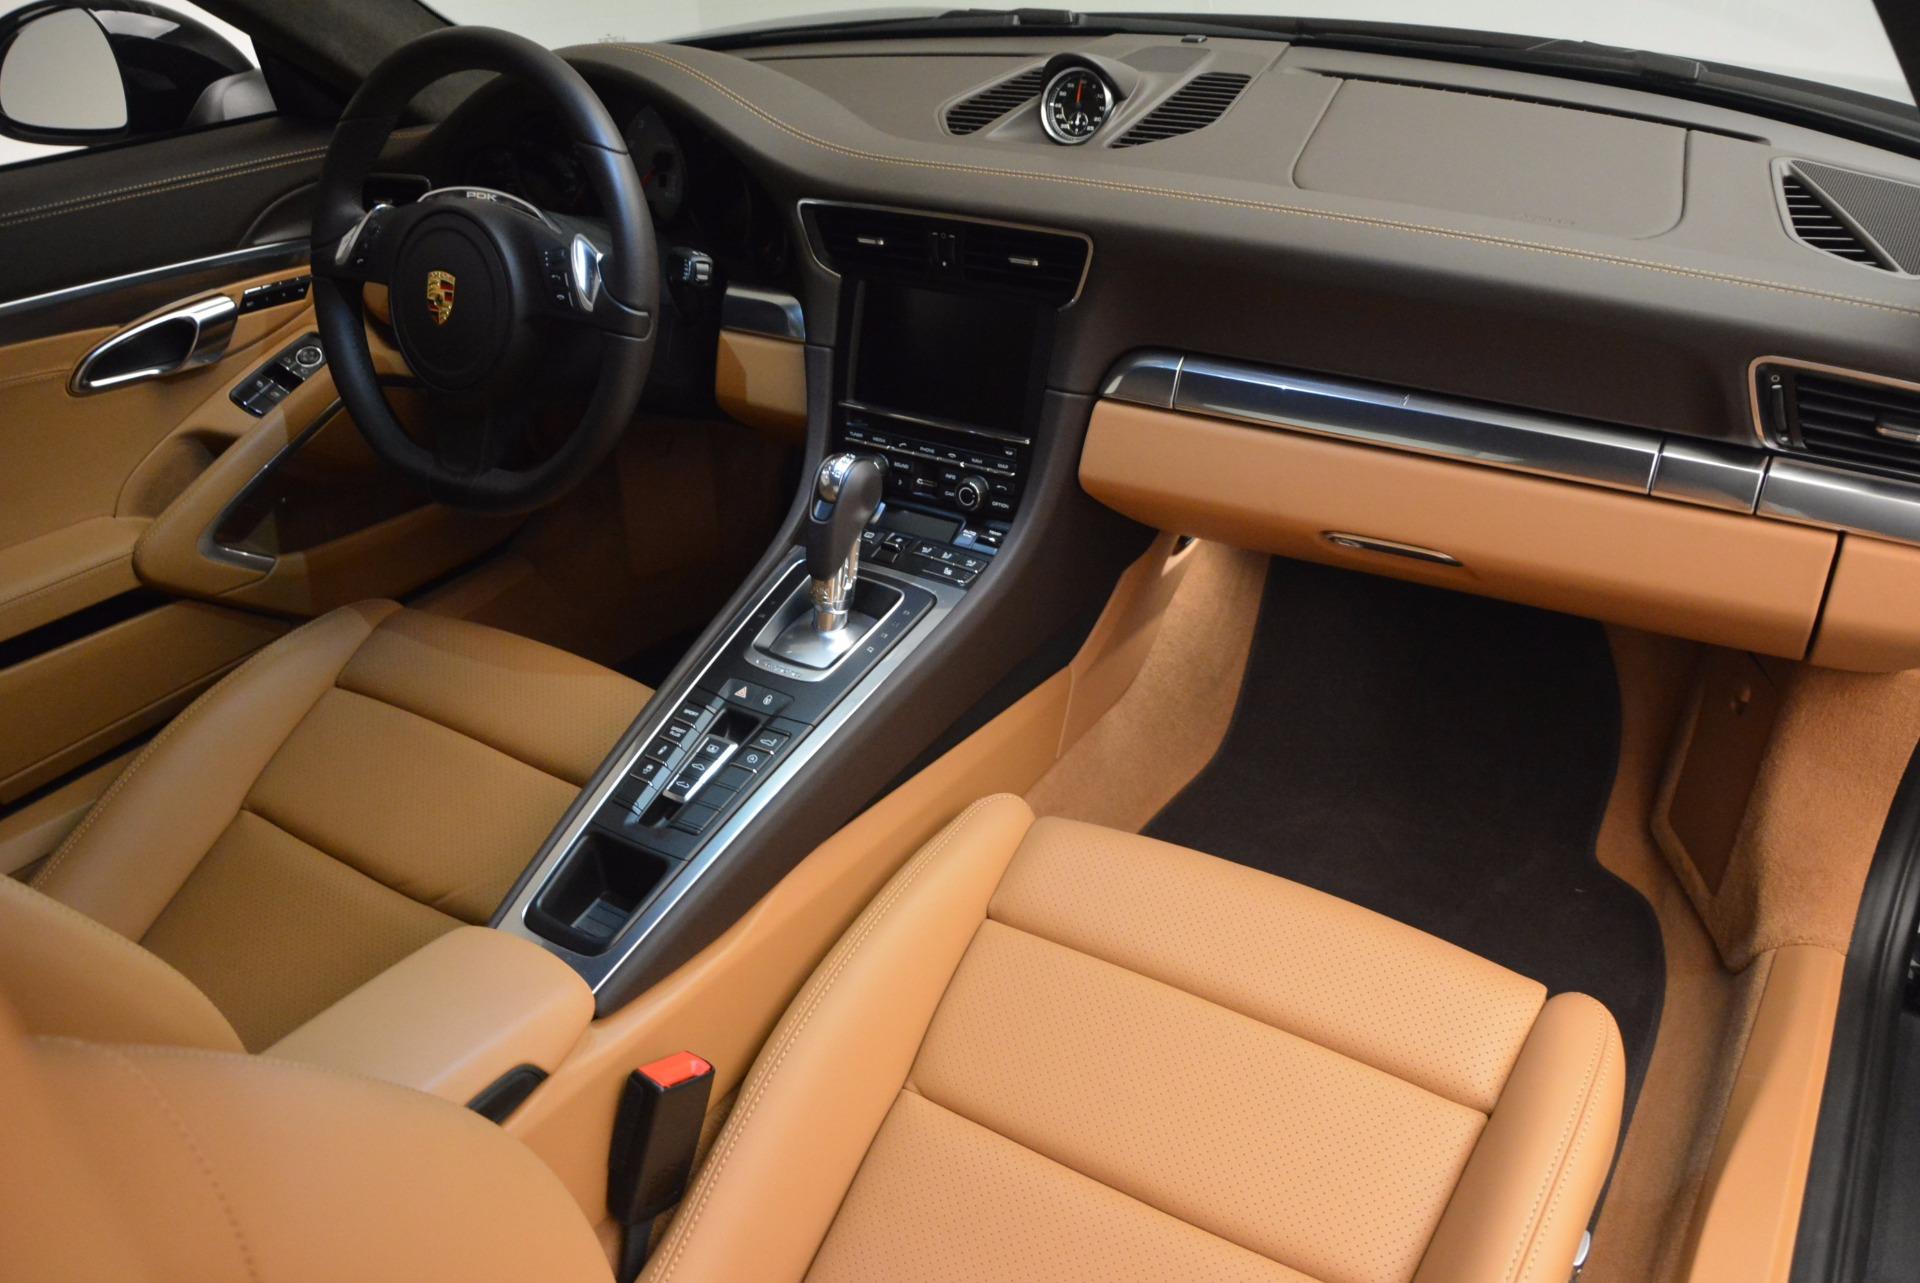 Used 2014 Porsche 911 Carrera 4S For Sale In Westport, CT 1076_p15